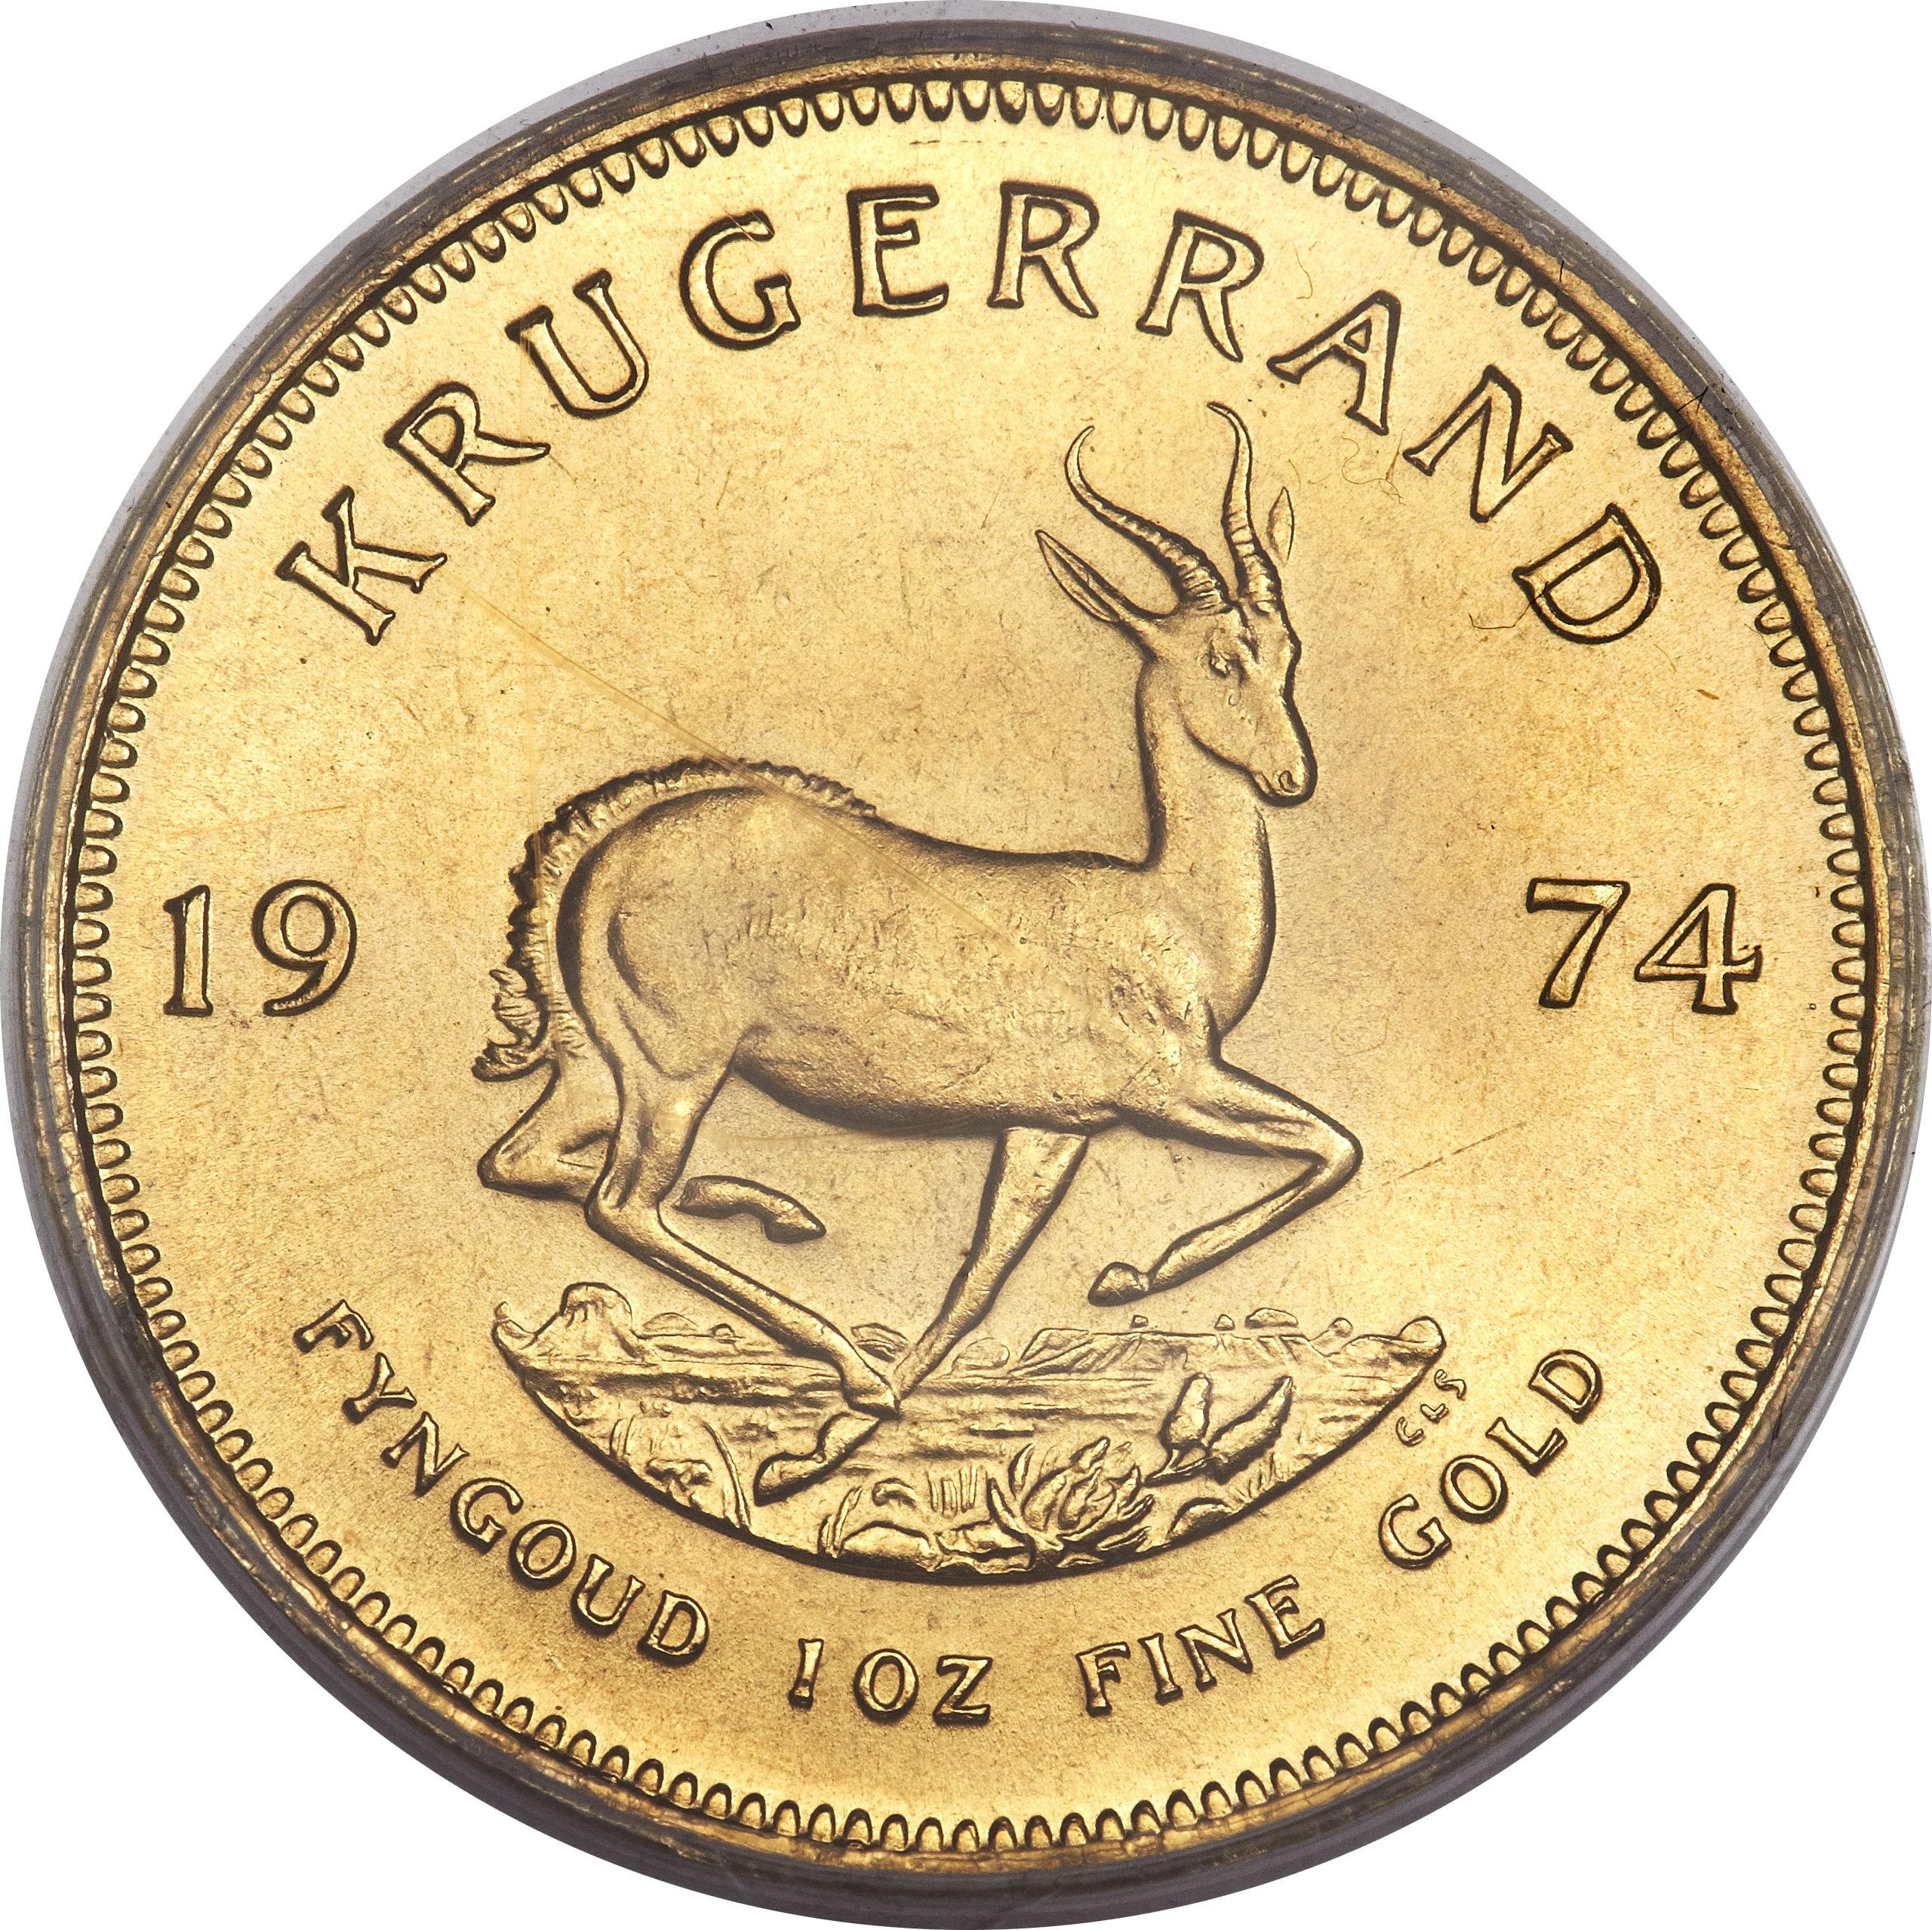 1 Ounce Krugerrand South Africa Numista